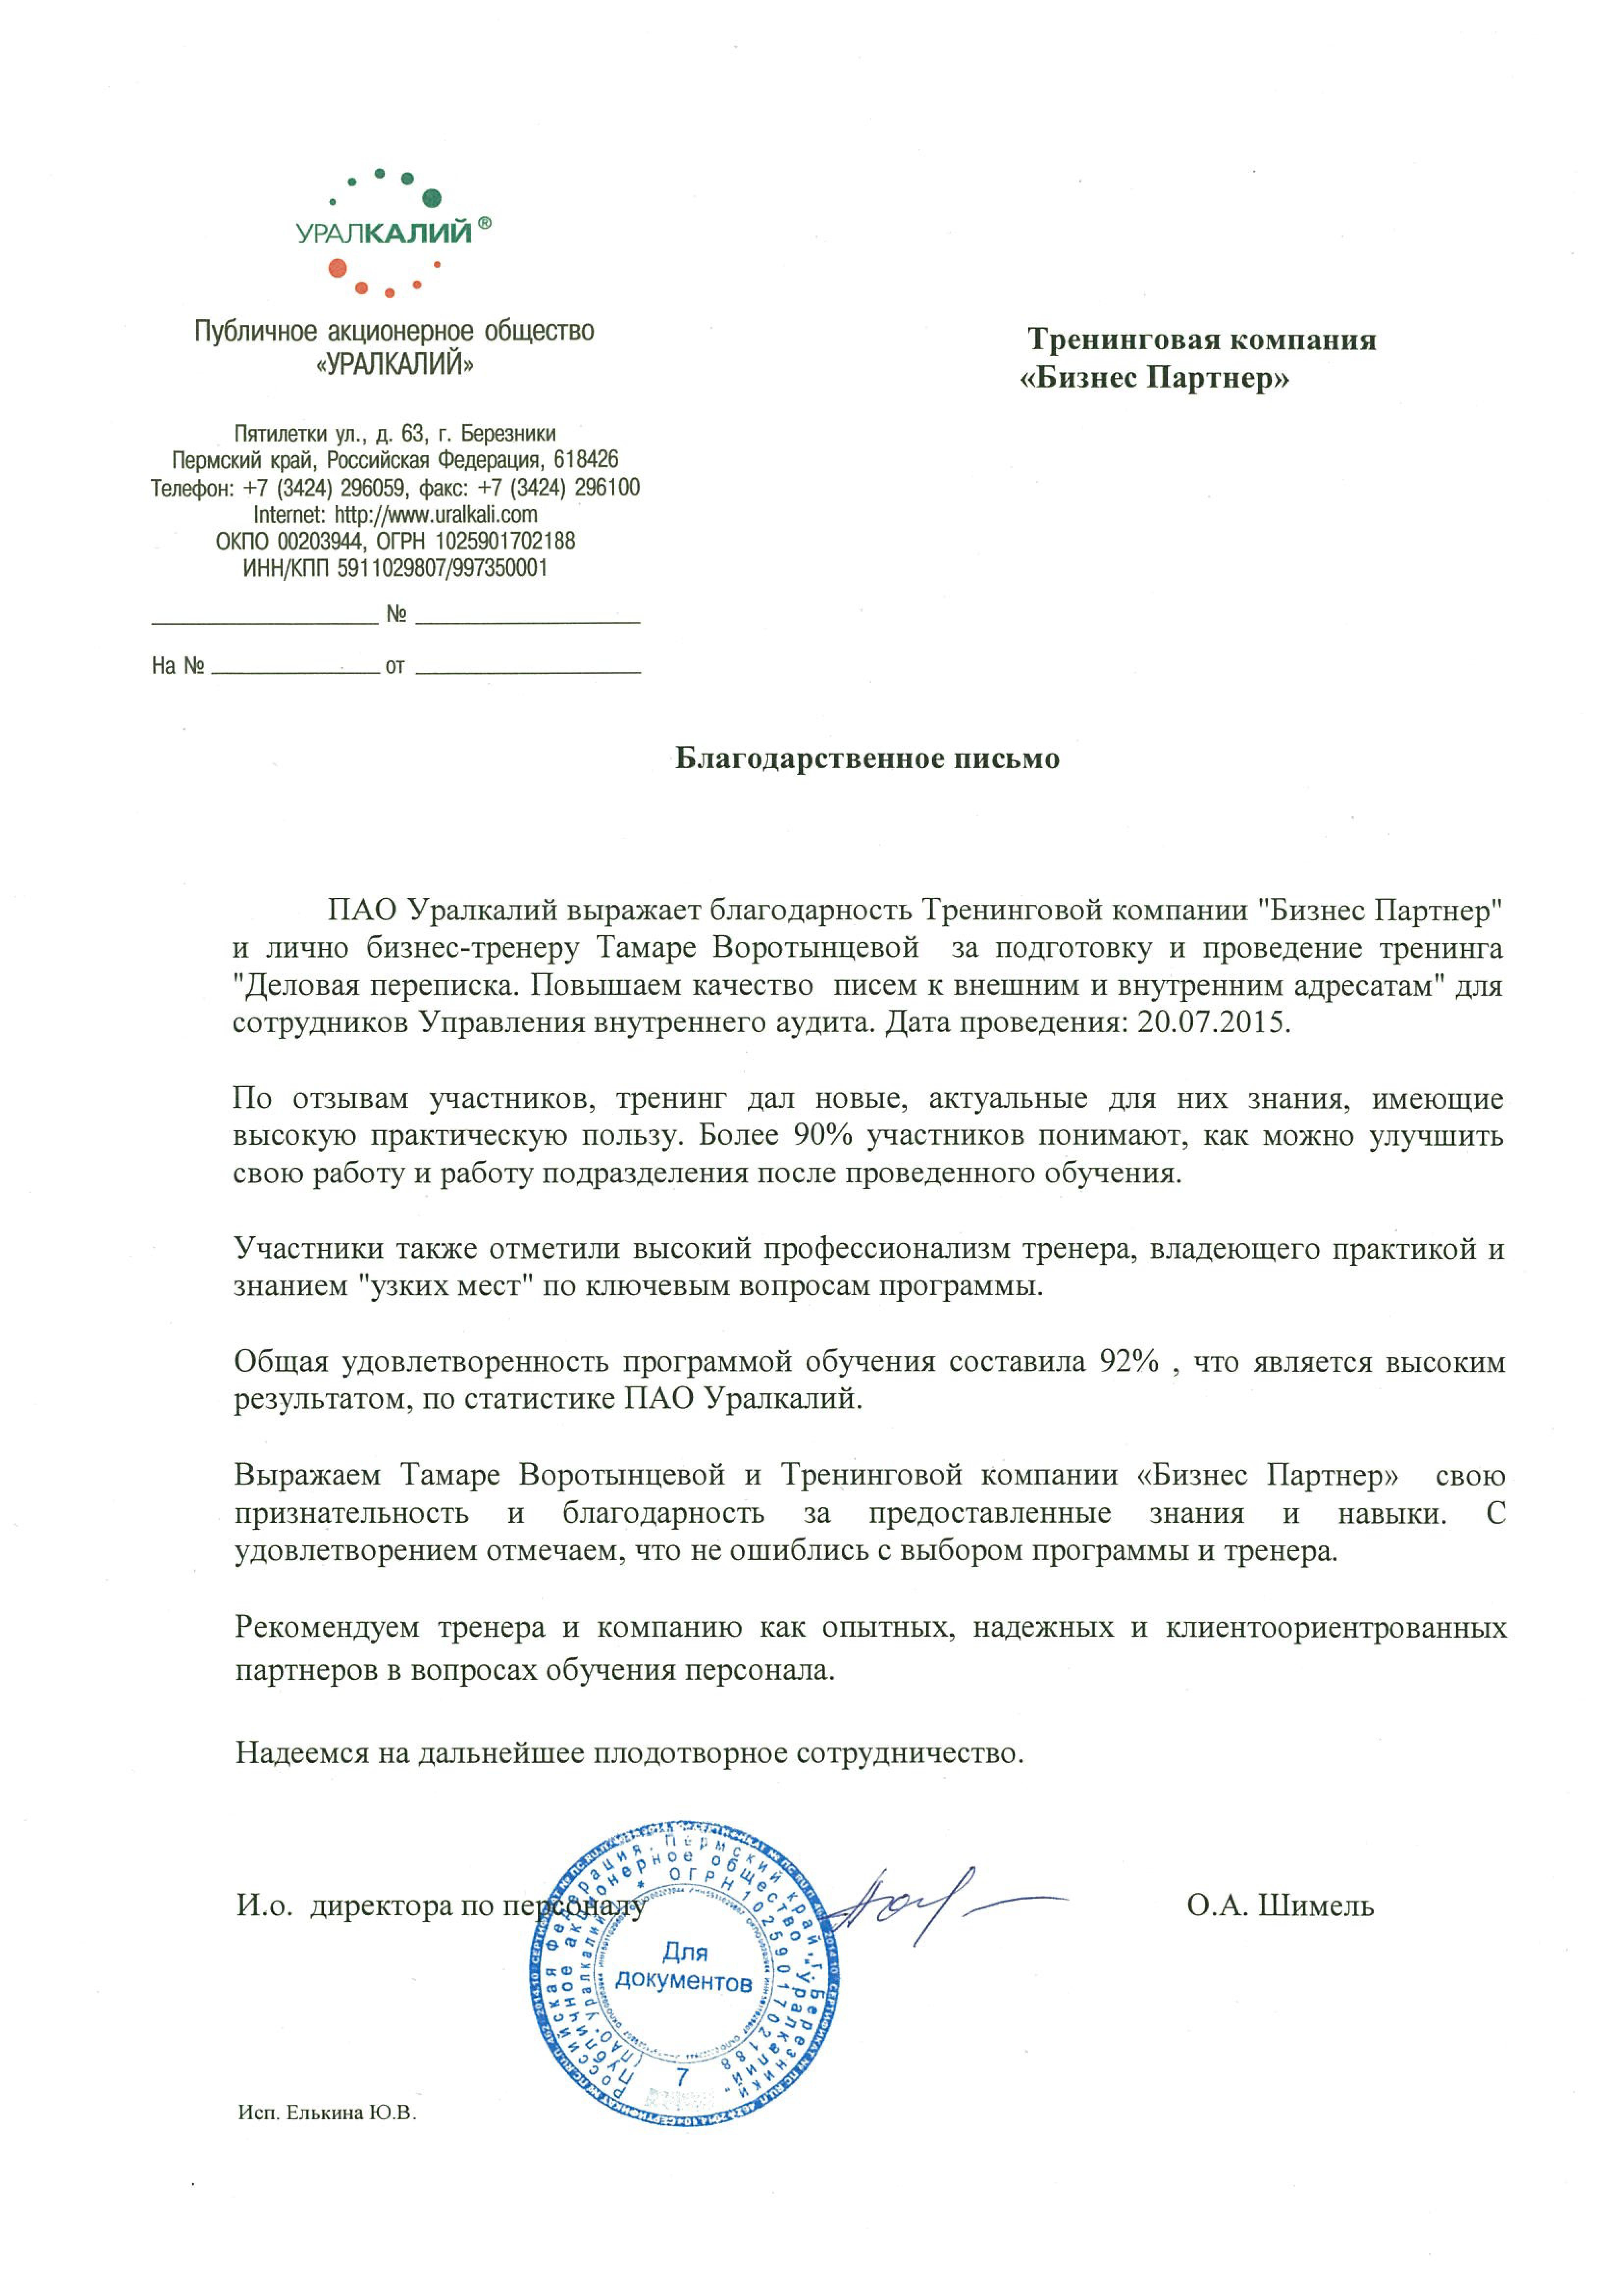 Отзыв_Уралкалий_Переписка